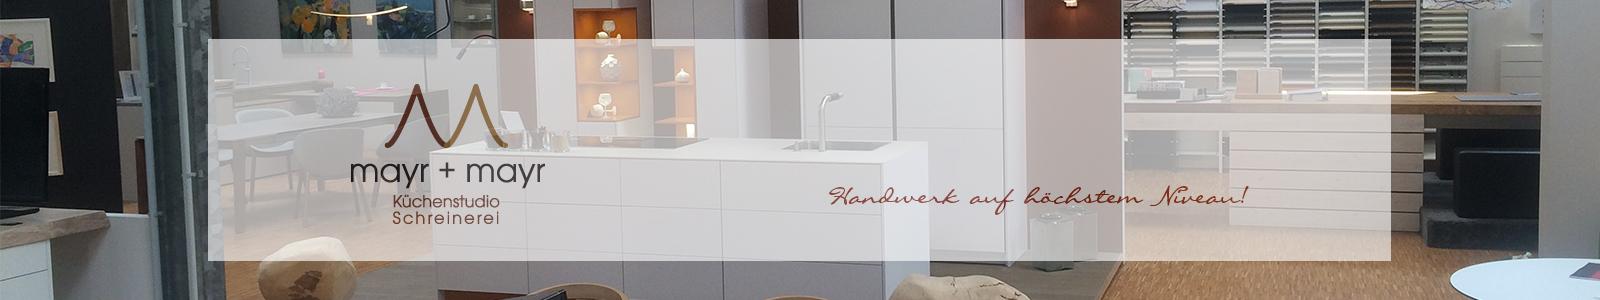 kuechenguide.com-mayr-und-mayr-1600-300-banner2